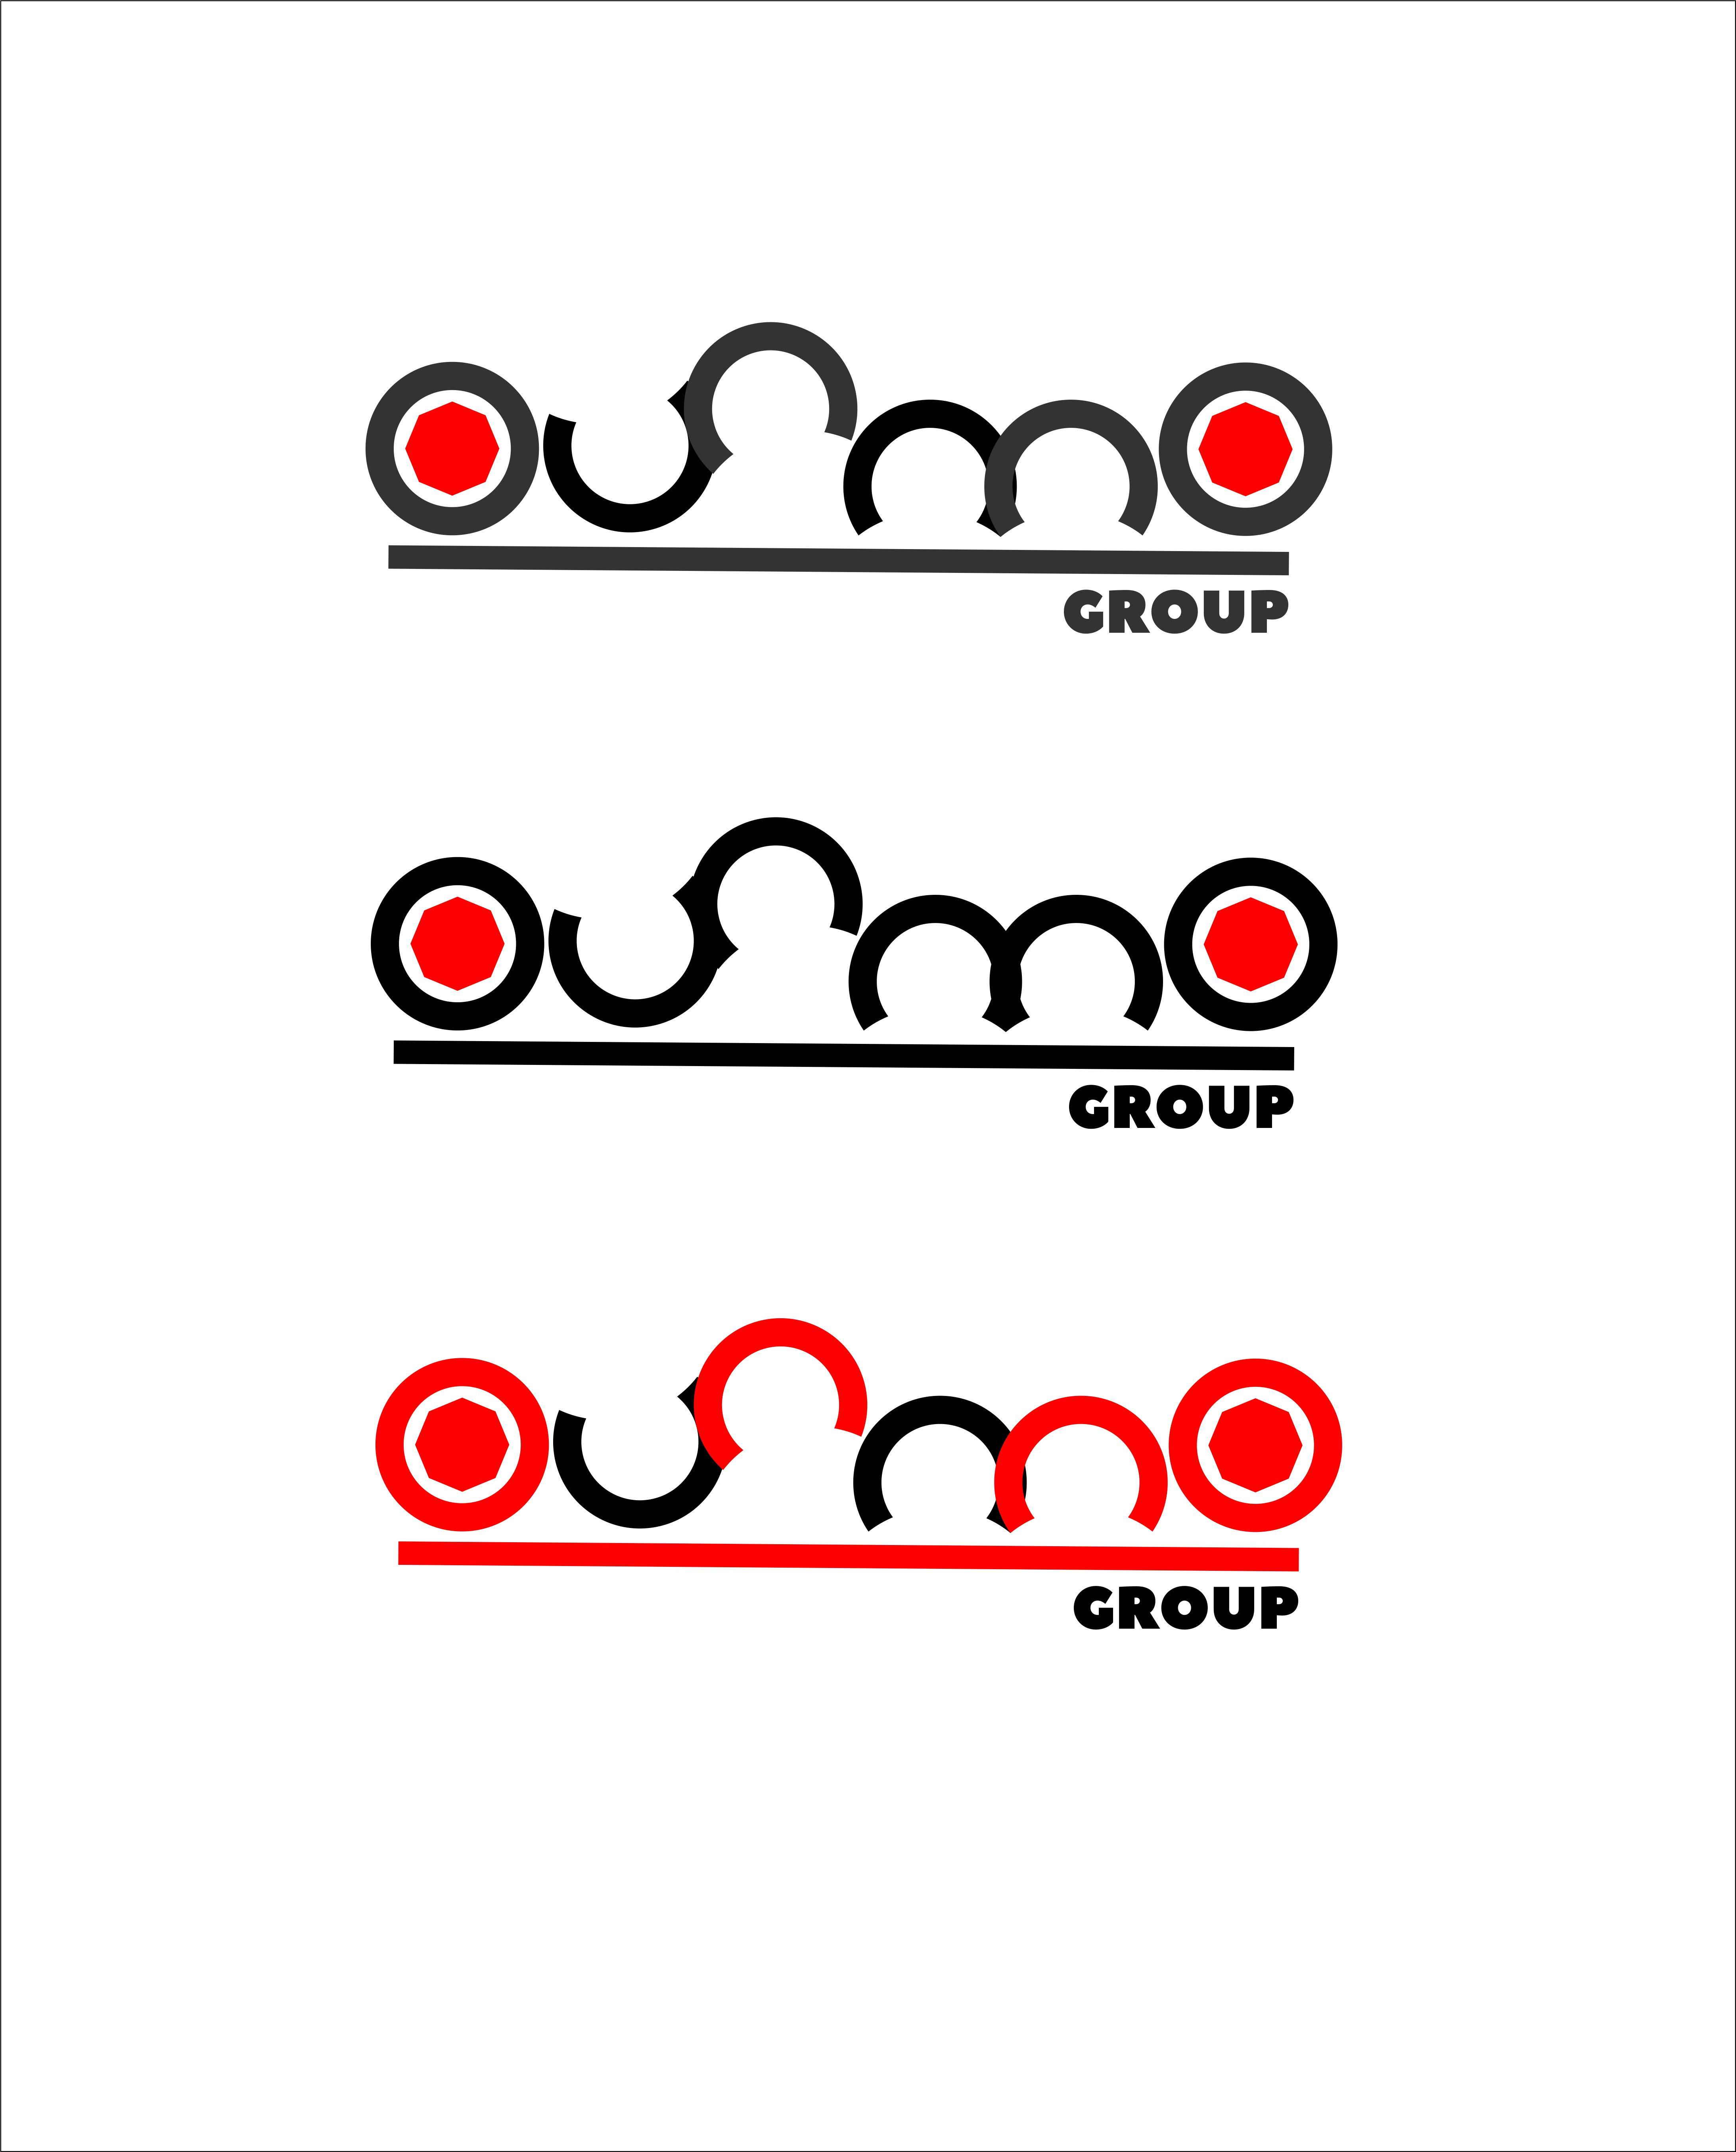 Создание логотипа для строительной компании OSMO group  фото f_18159b6431803677.jpg